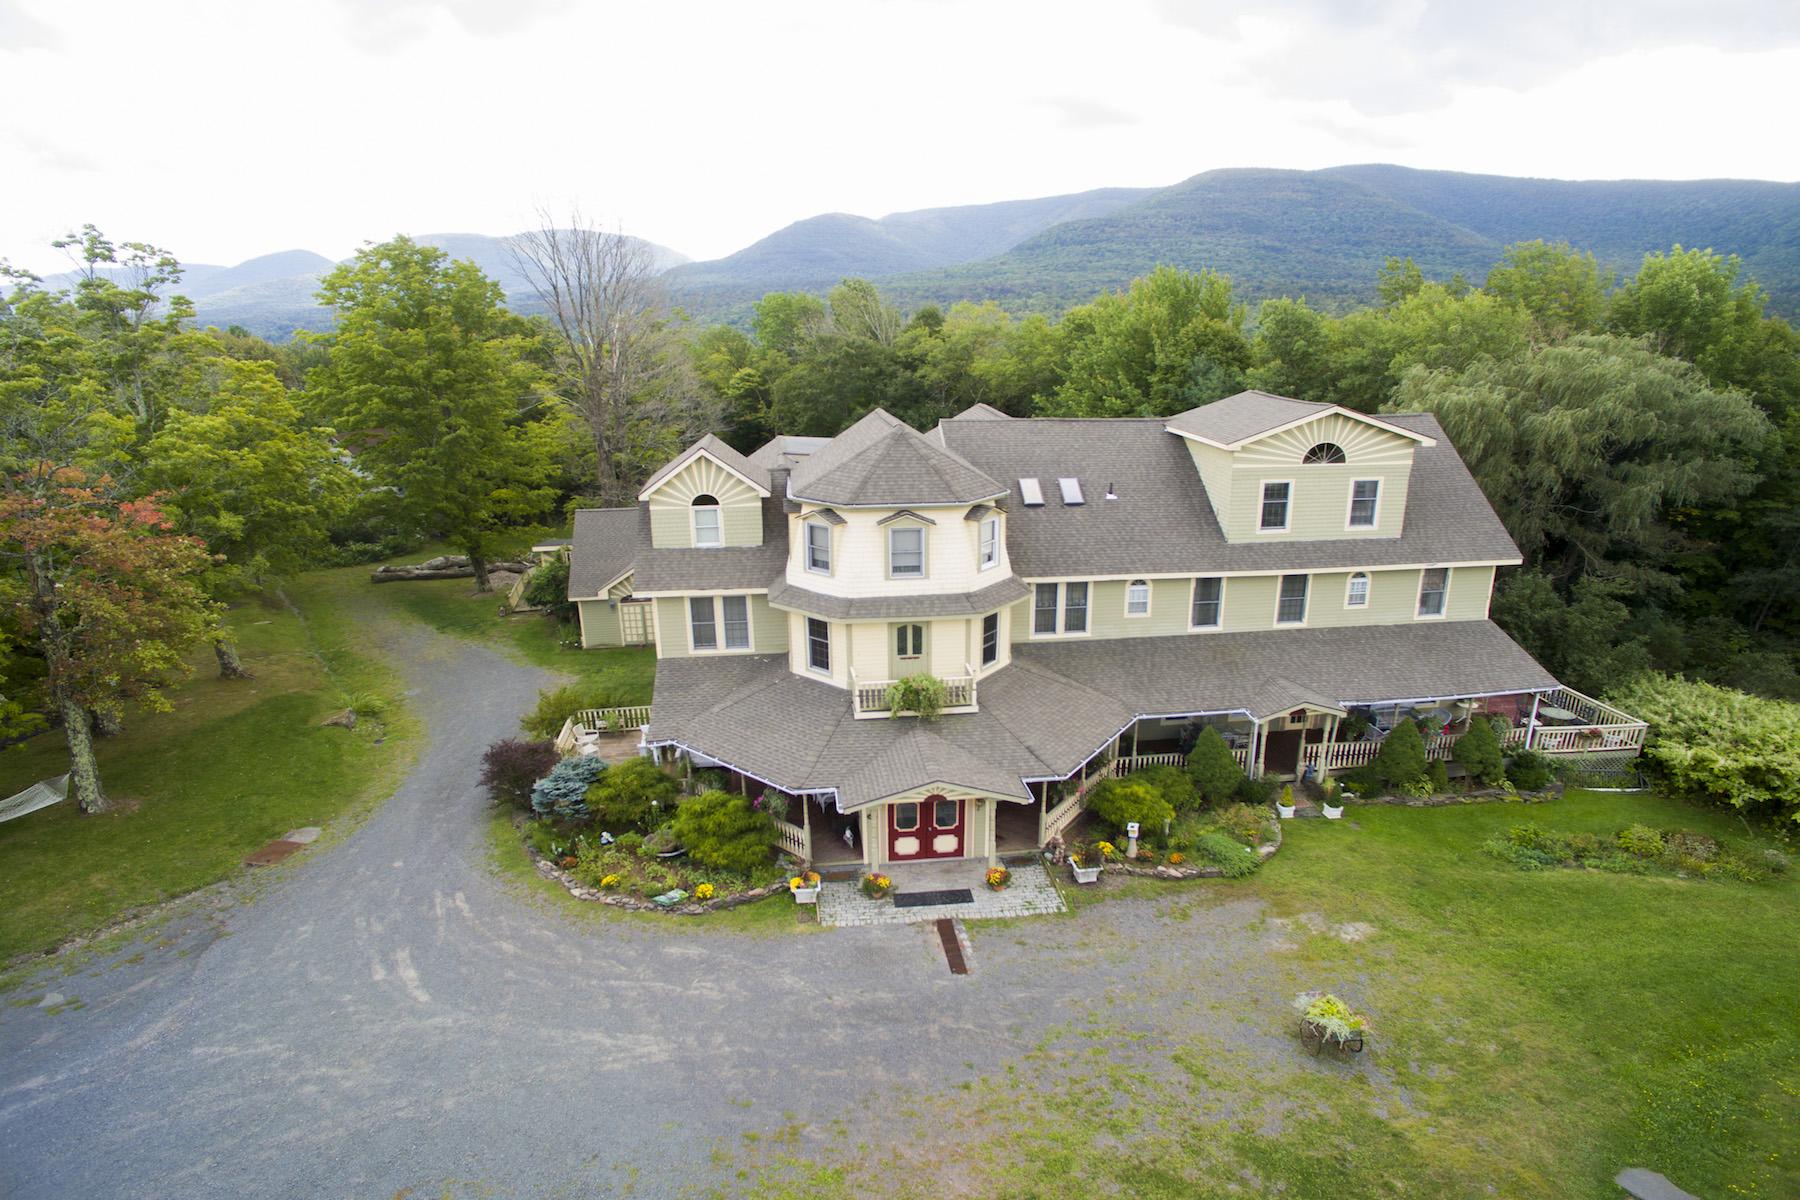 Commercial pour l Vente à Washington Irving Inn 6629 23a Tannersville, New York 12442 États-Unis